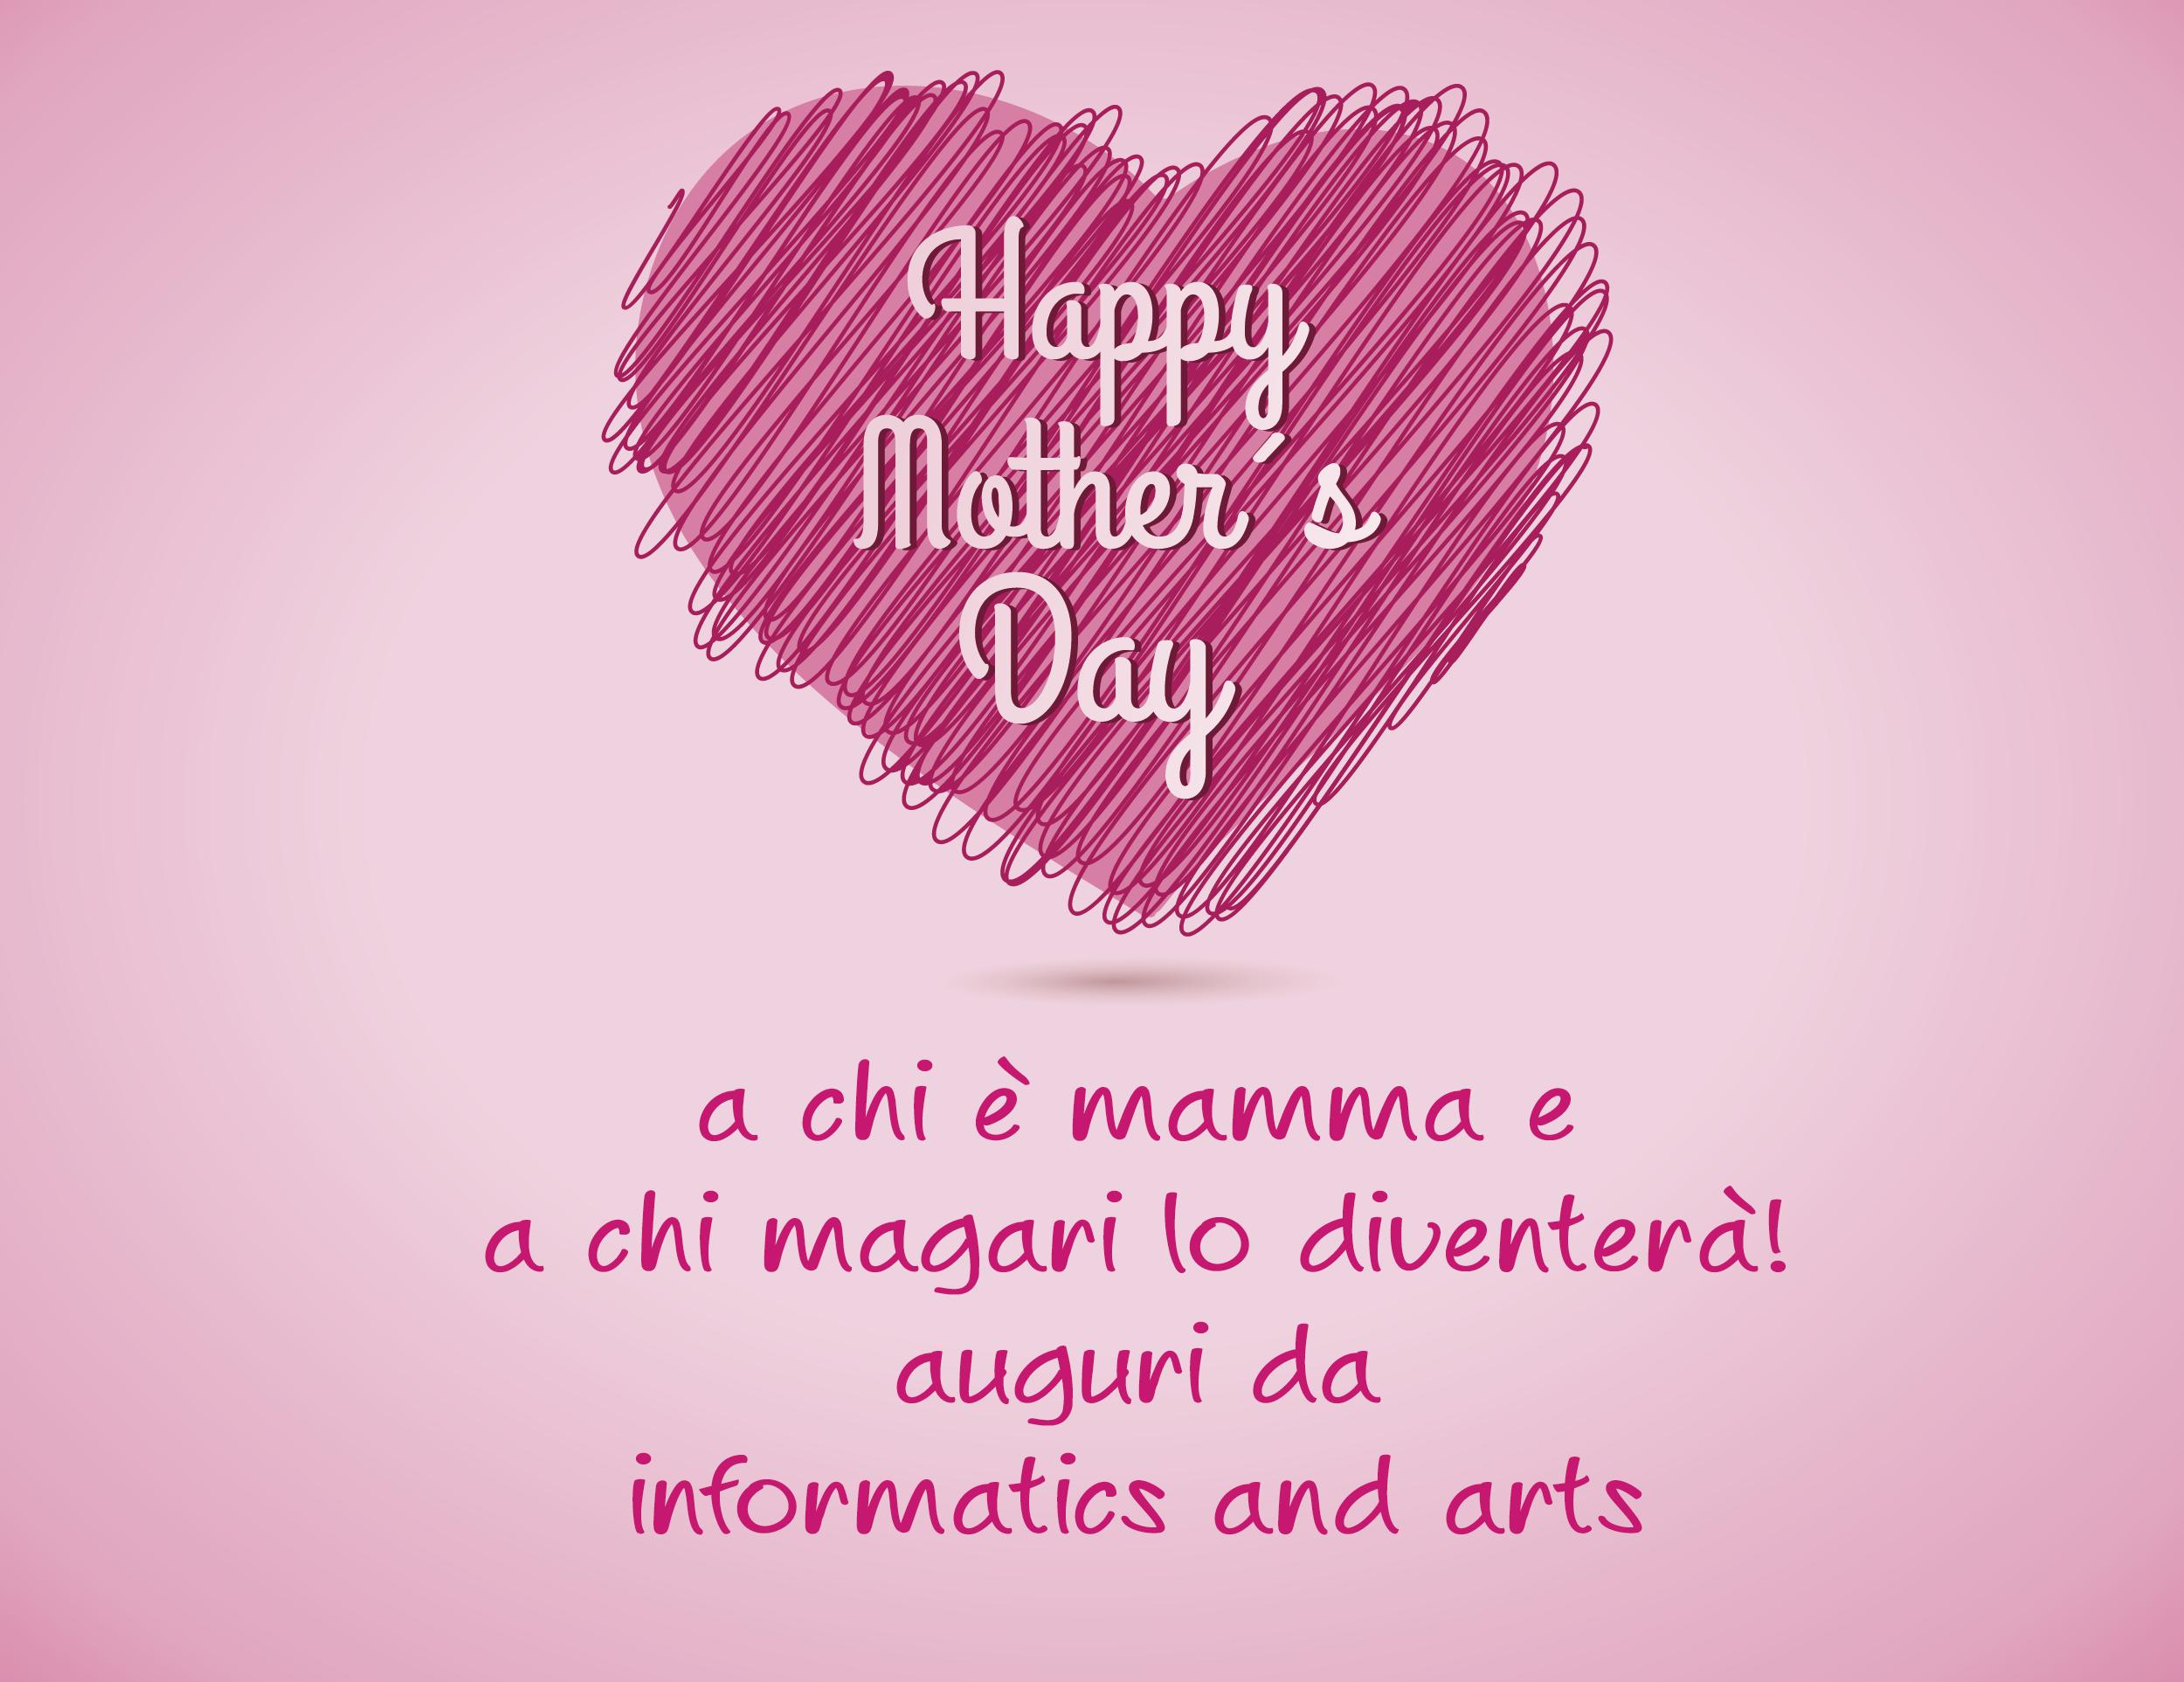 auguri da INFORMATICS AND Arts per la festa della mamma